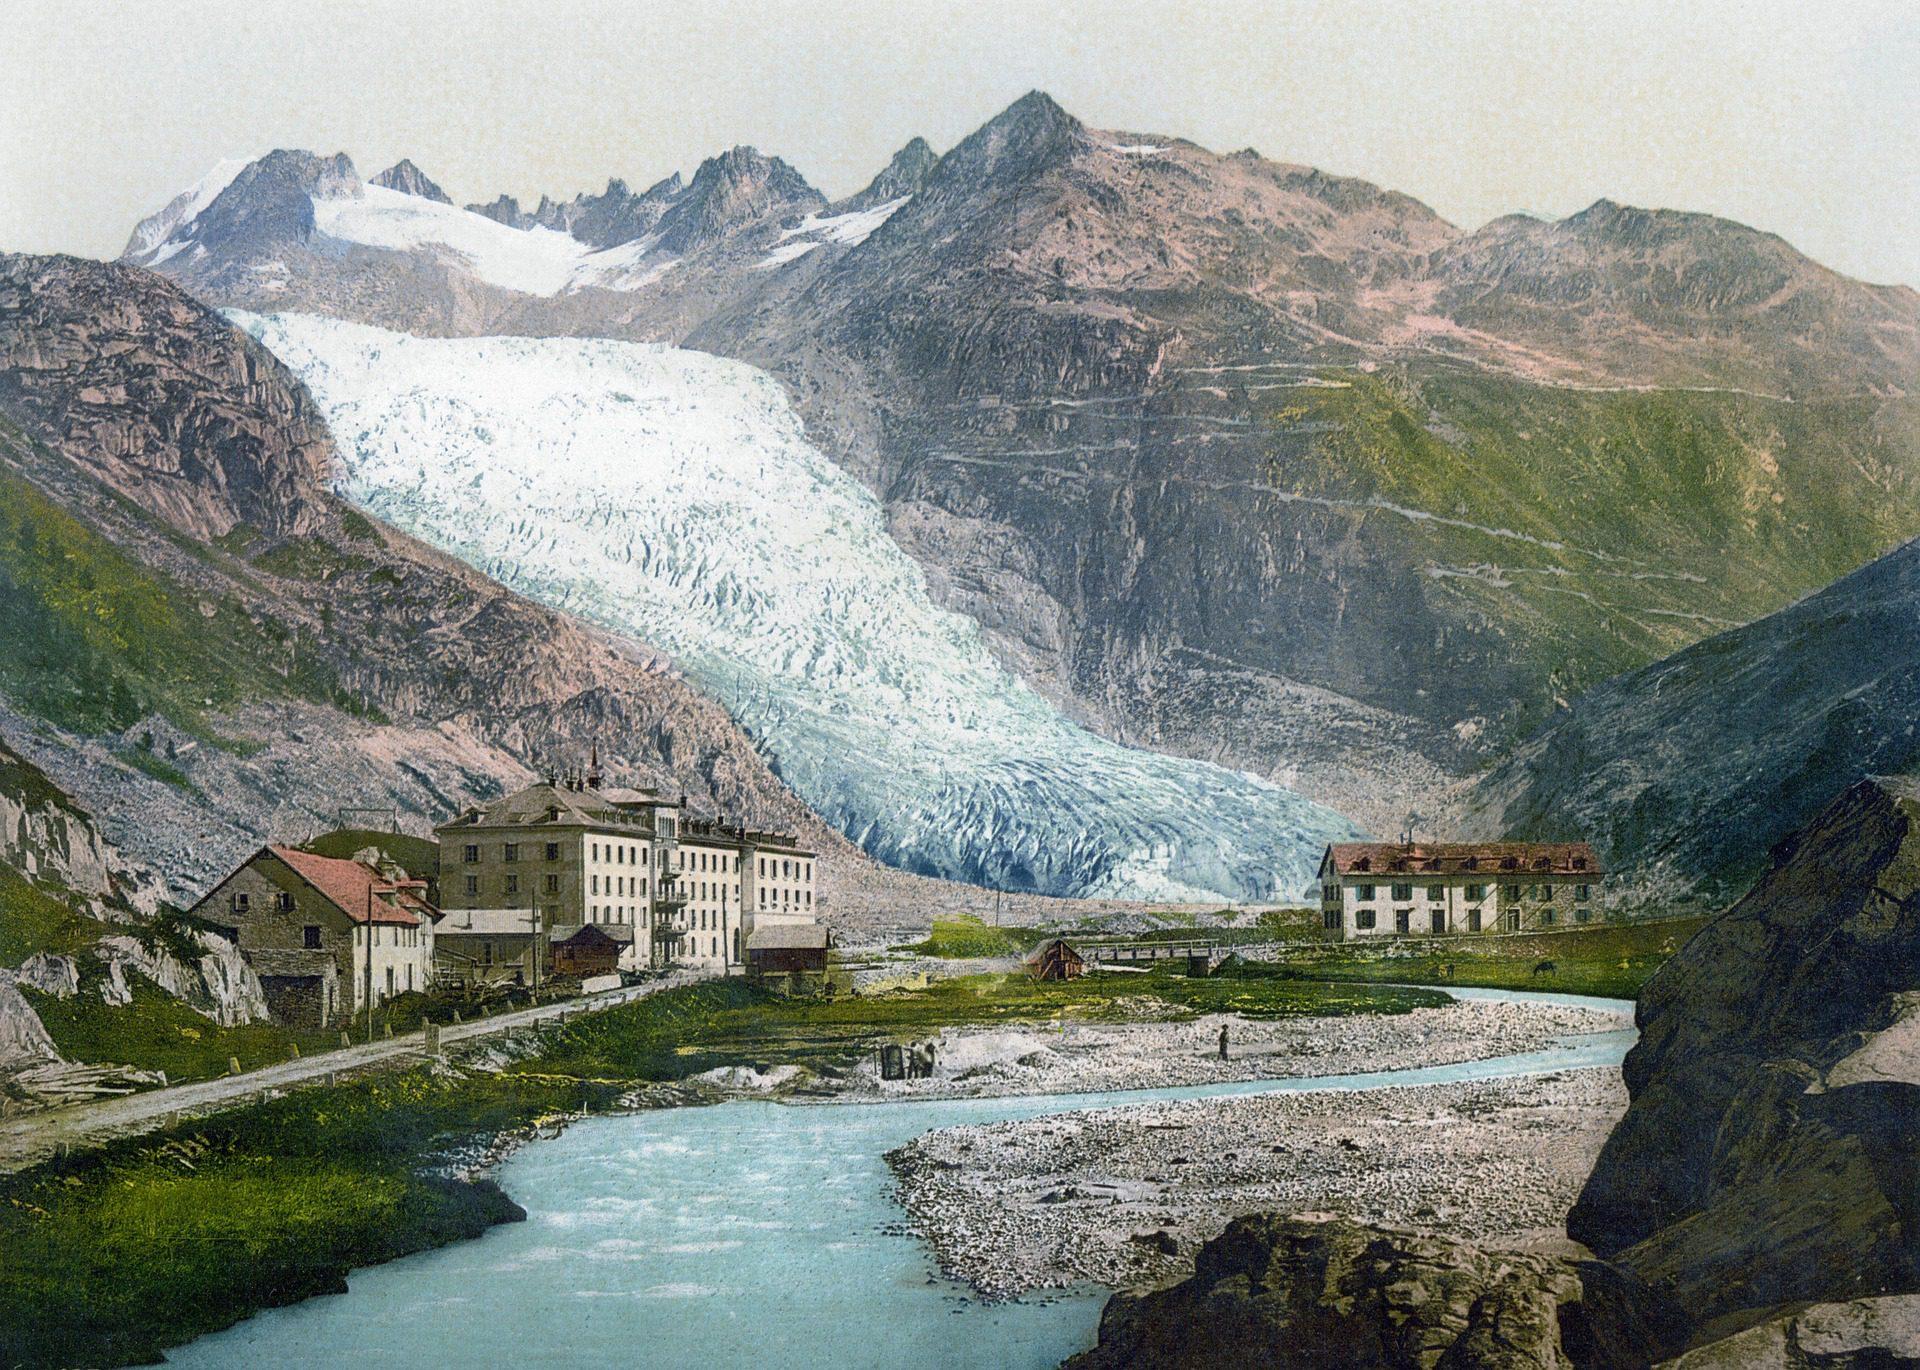 Gletscherschwund. Sichtbare Folgen des Klimawandels durch Treibhausgase wie Kohlenstoffdioxid (CO₂)